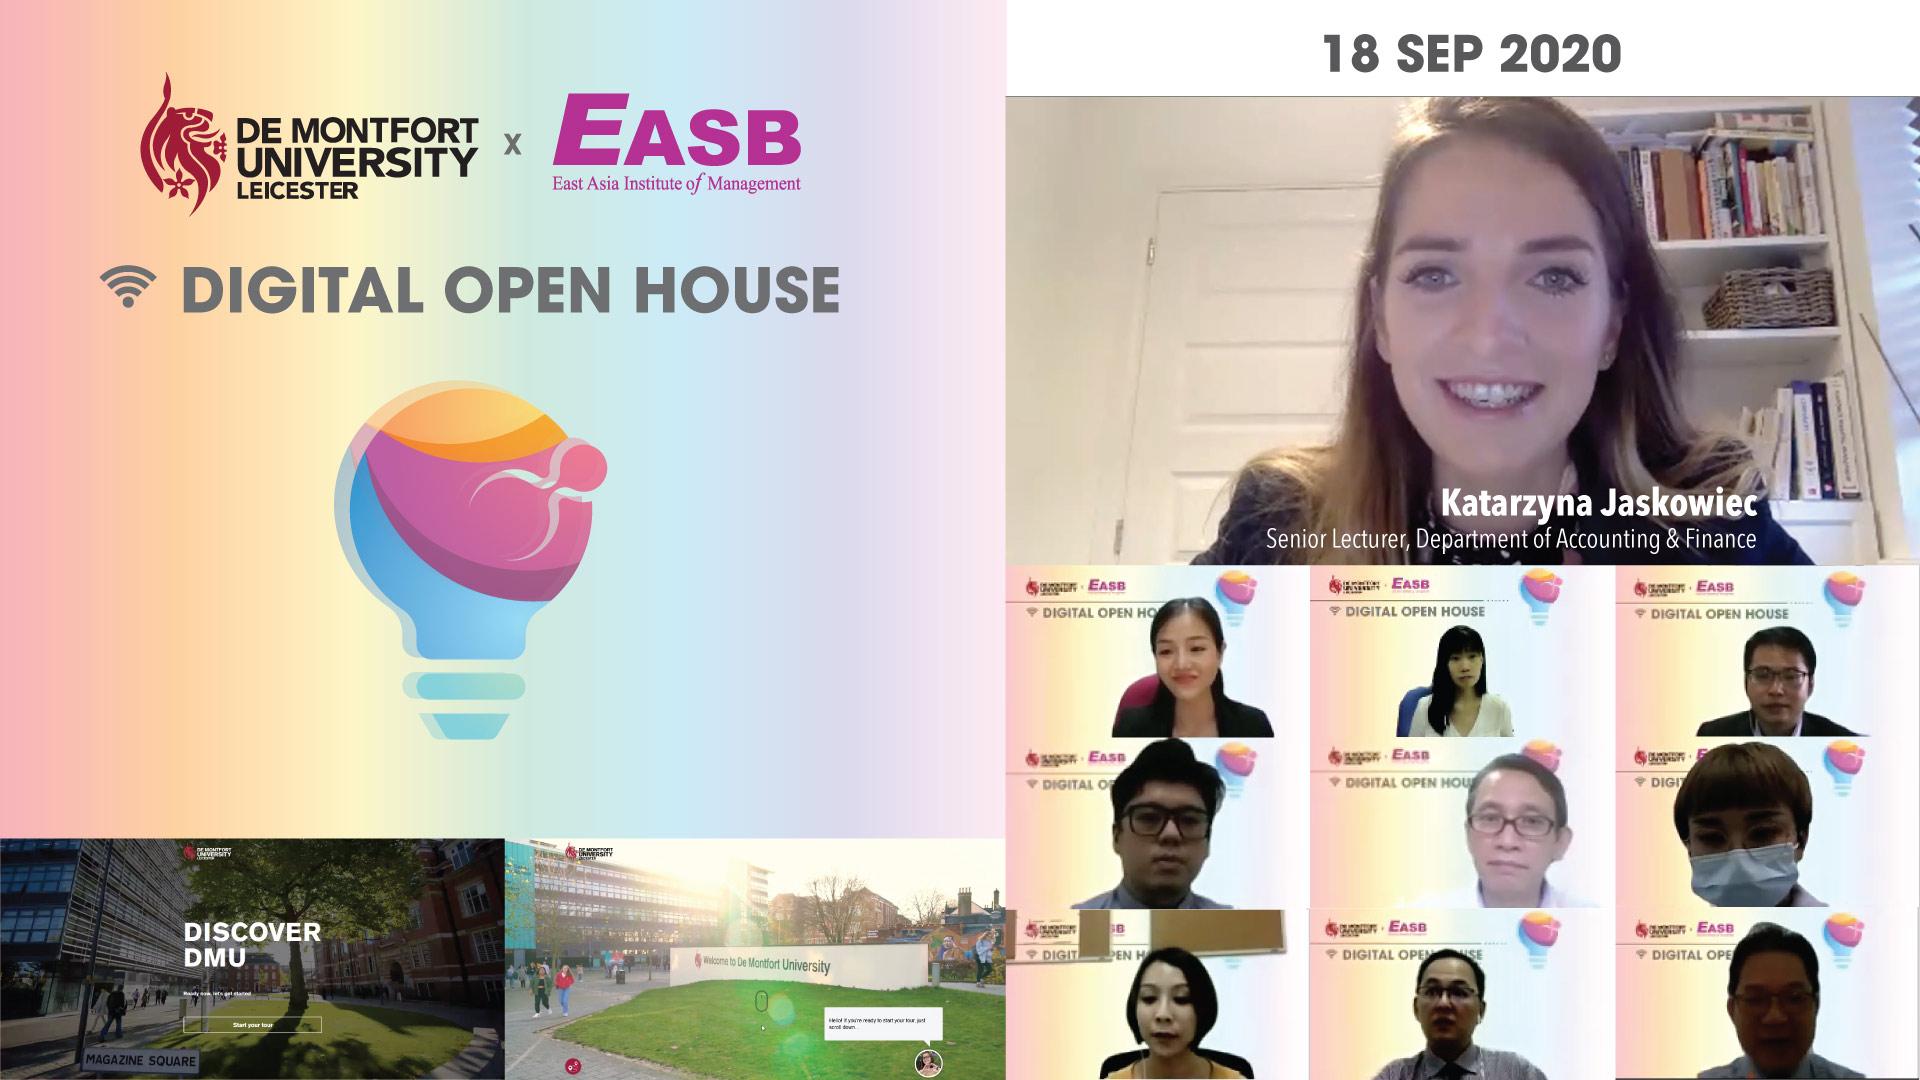 De Montfort University Digital Open House